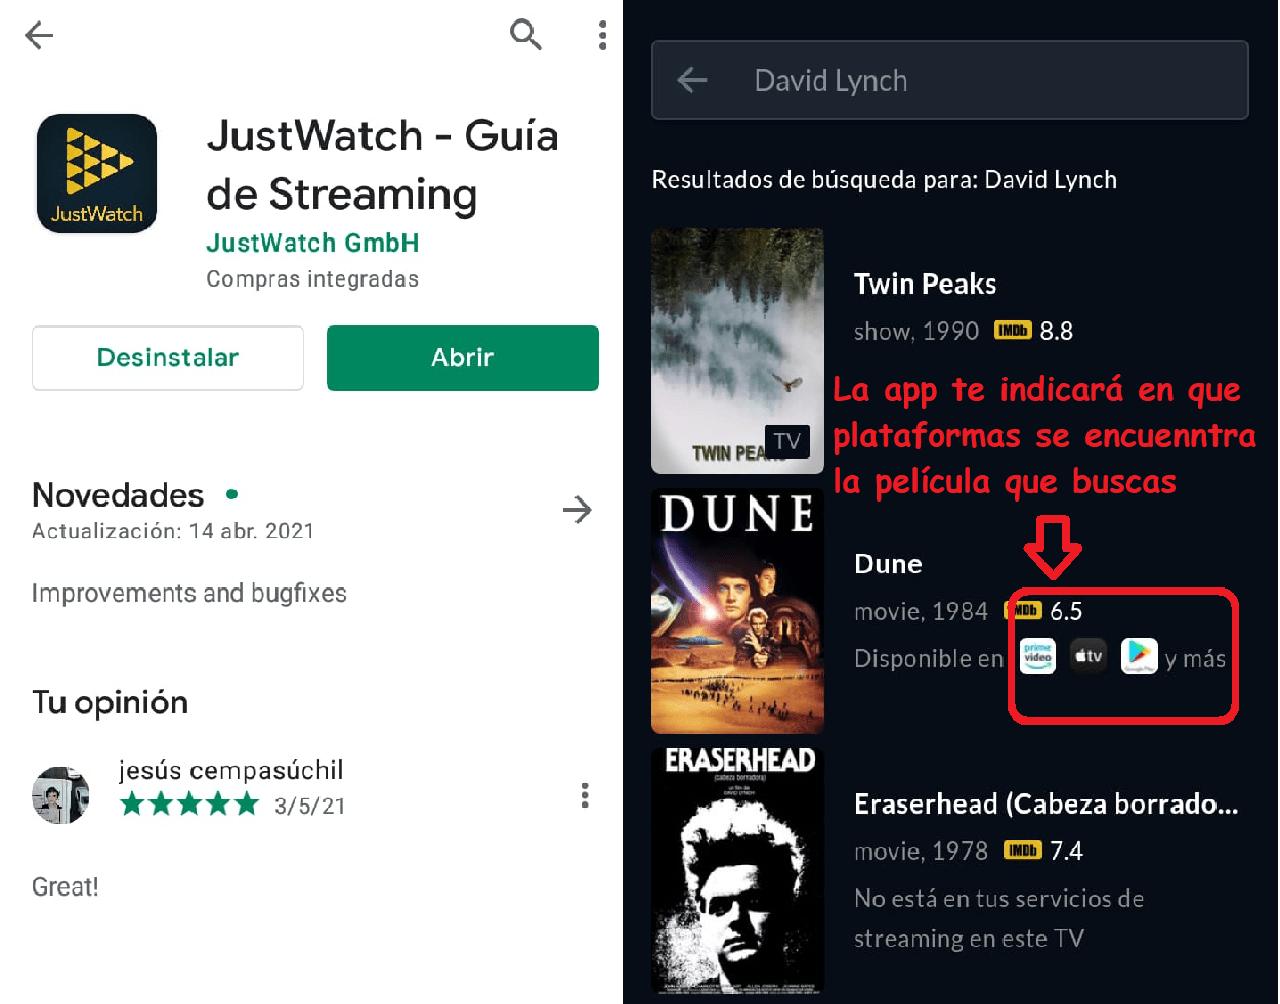 justwatch aplicación play store